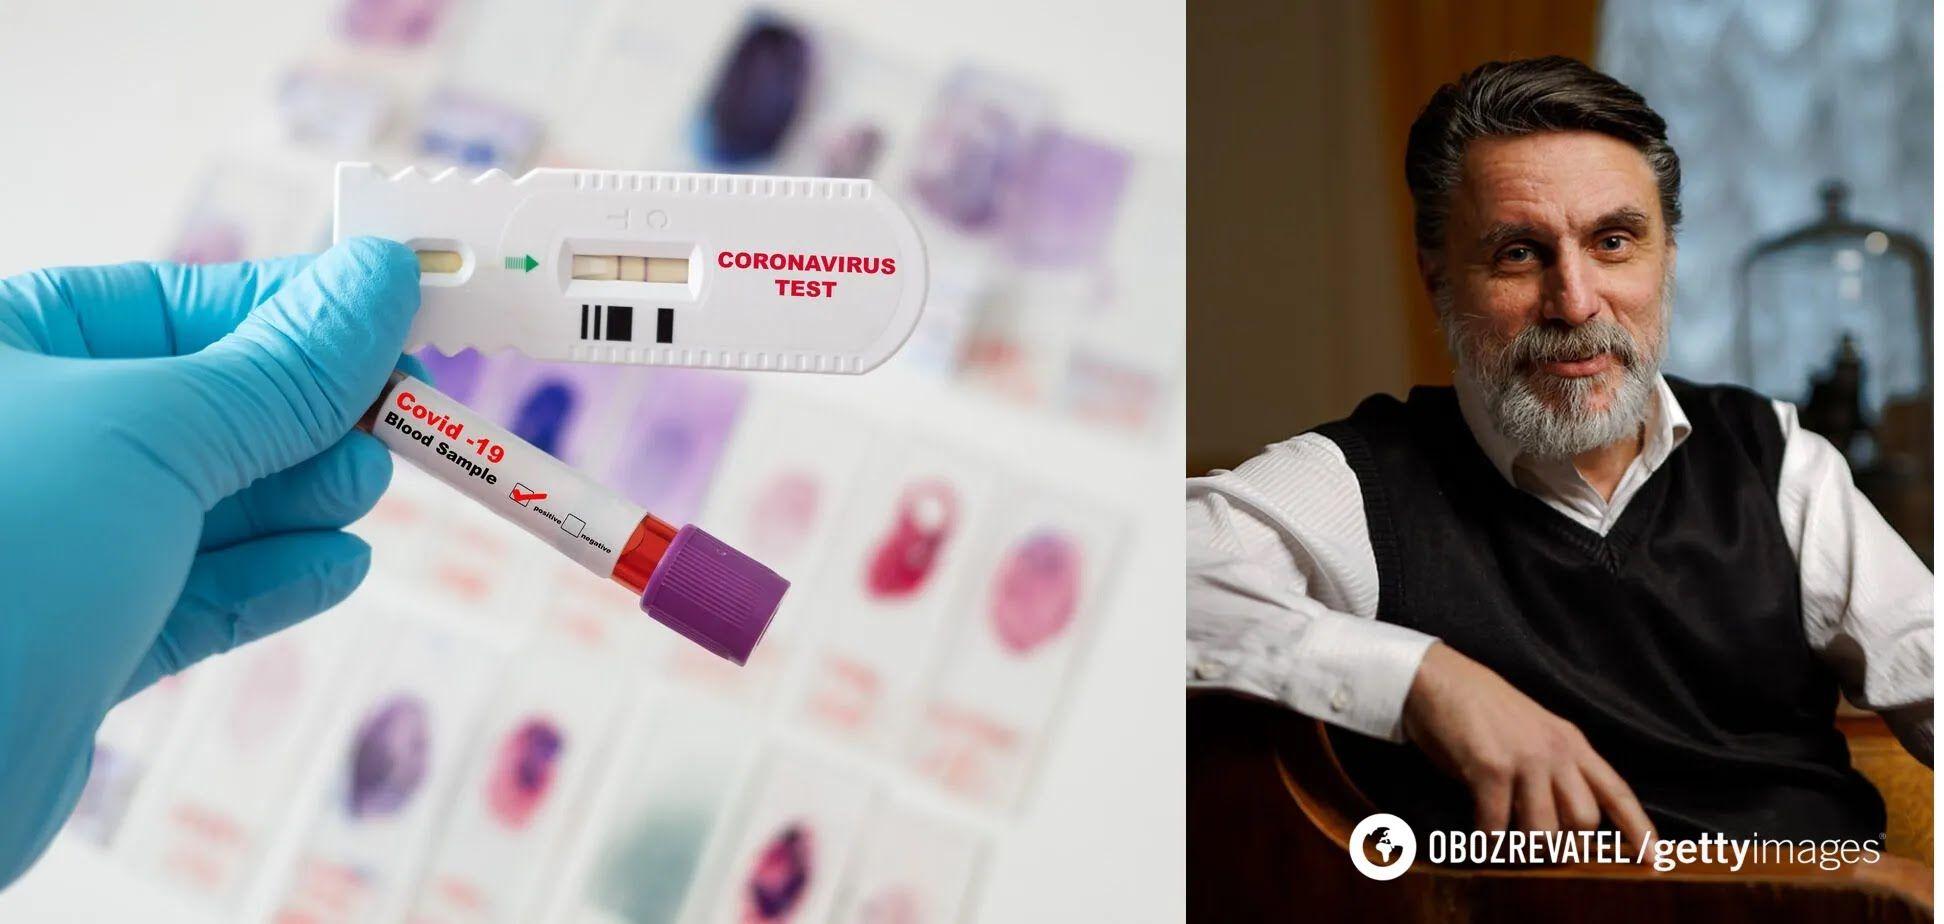 Клеточный иммунитет, a не антитела, имеет решающее значение для выздоровления от COVID-19, – Досенко